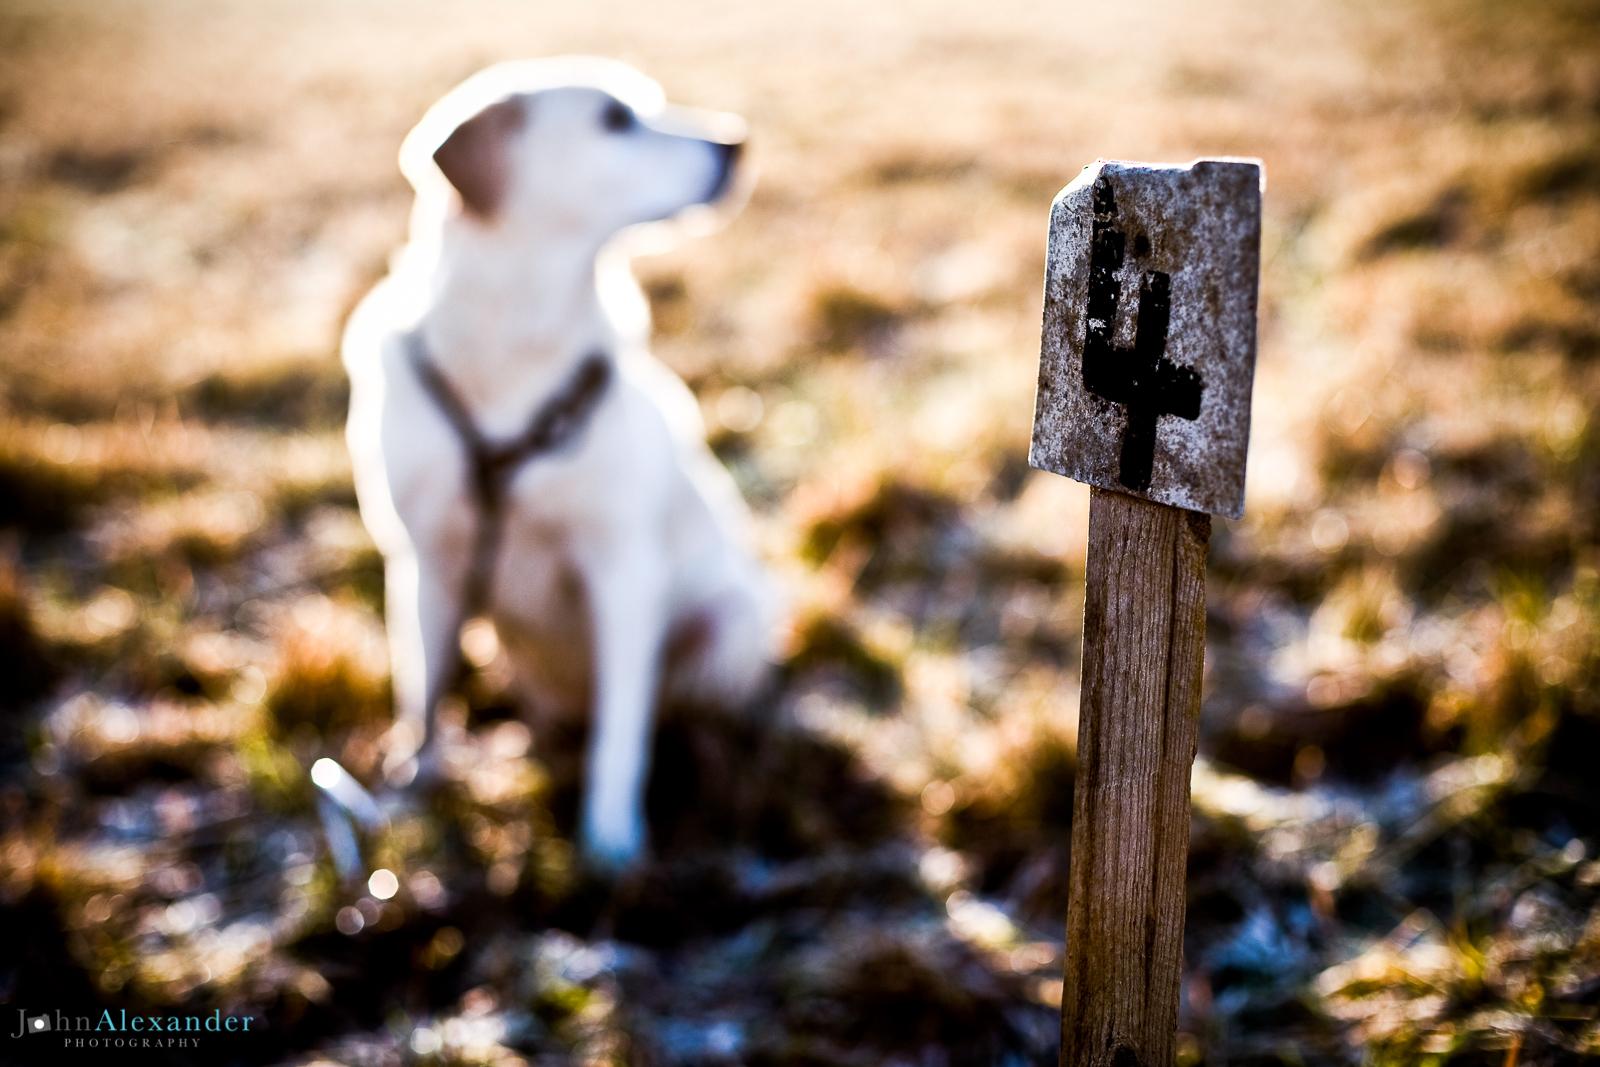 golden labrador on peg